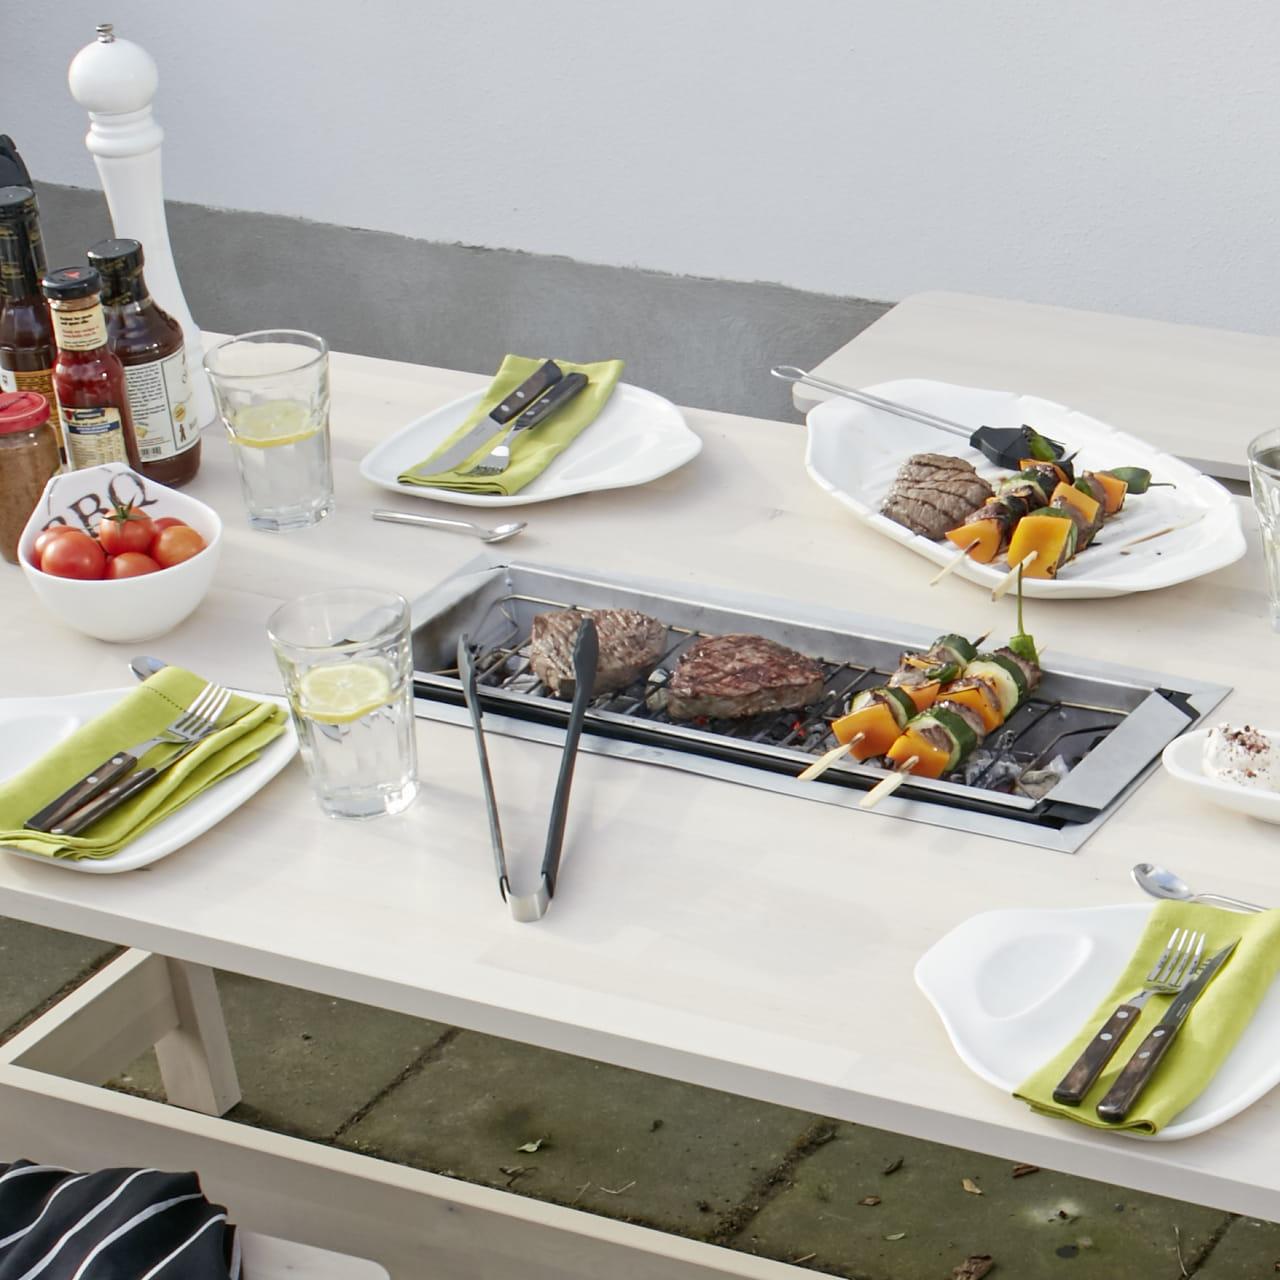 Intégré Jardin De DiyUne Table Avec Barbecue IED9WH2